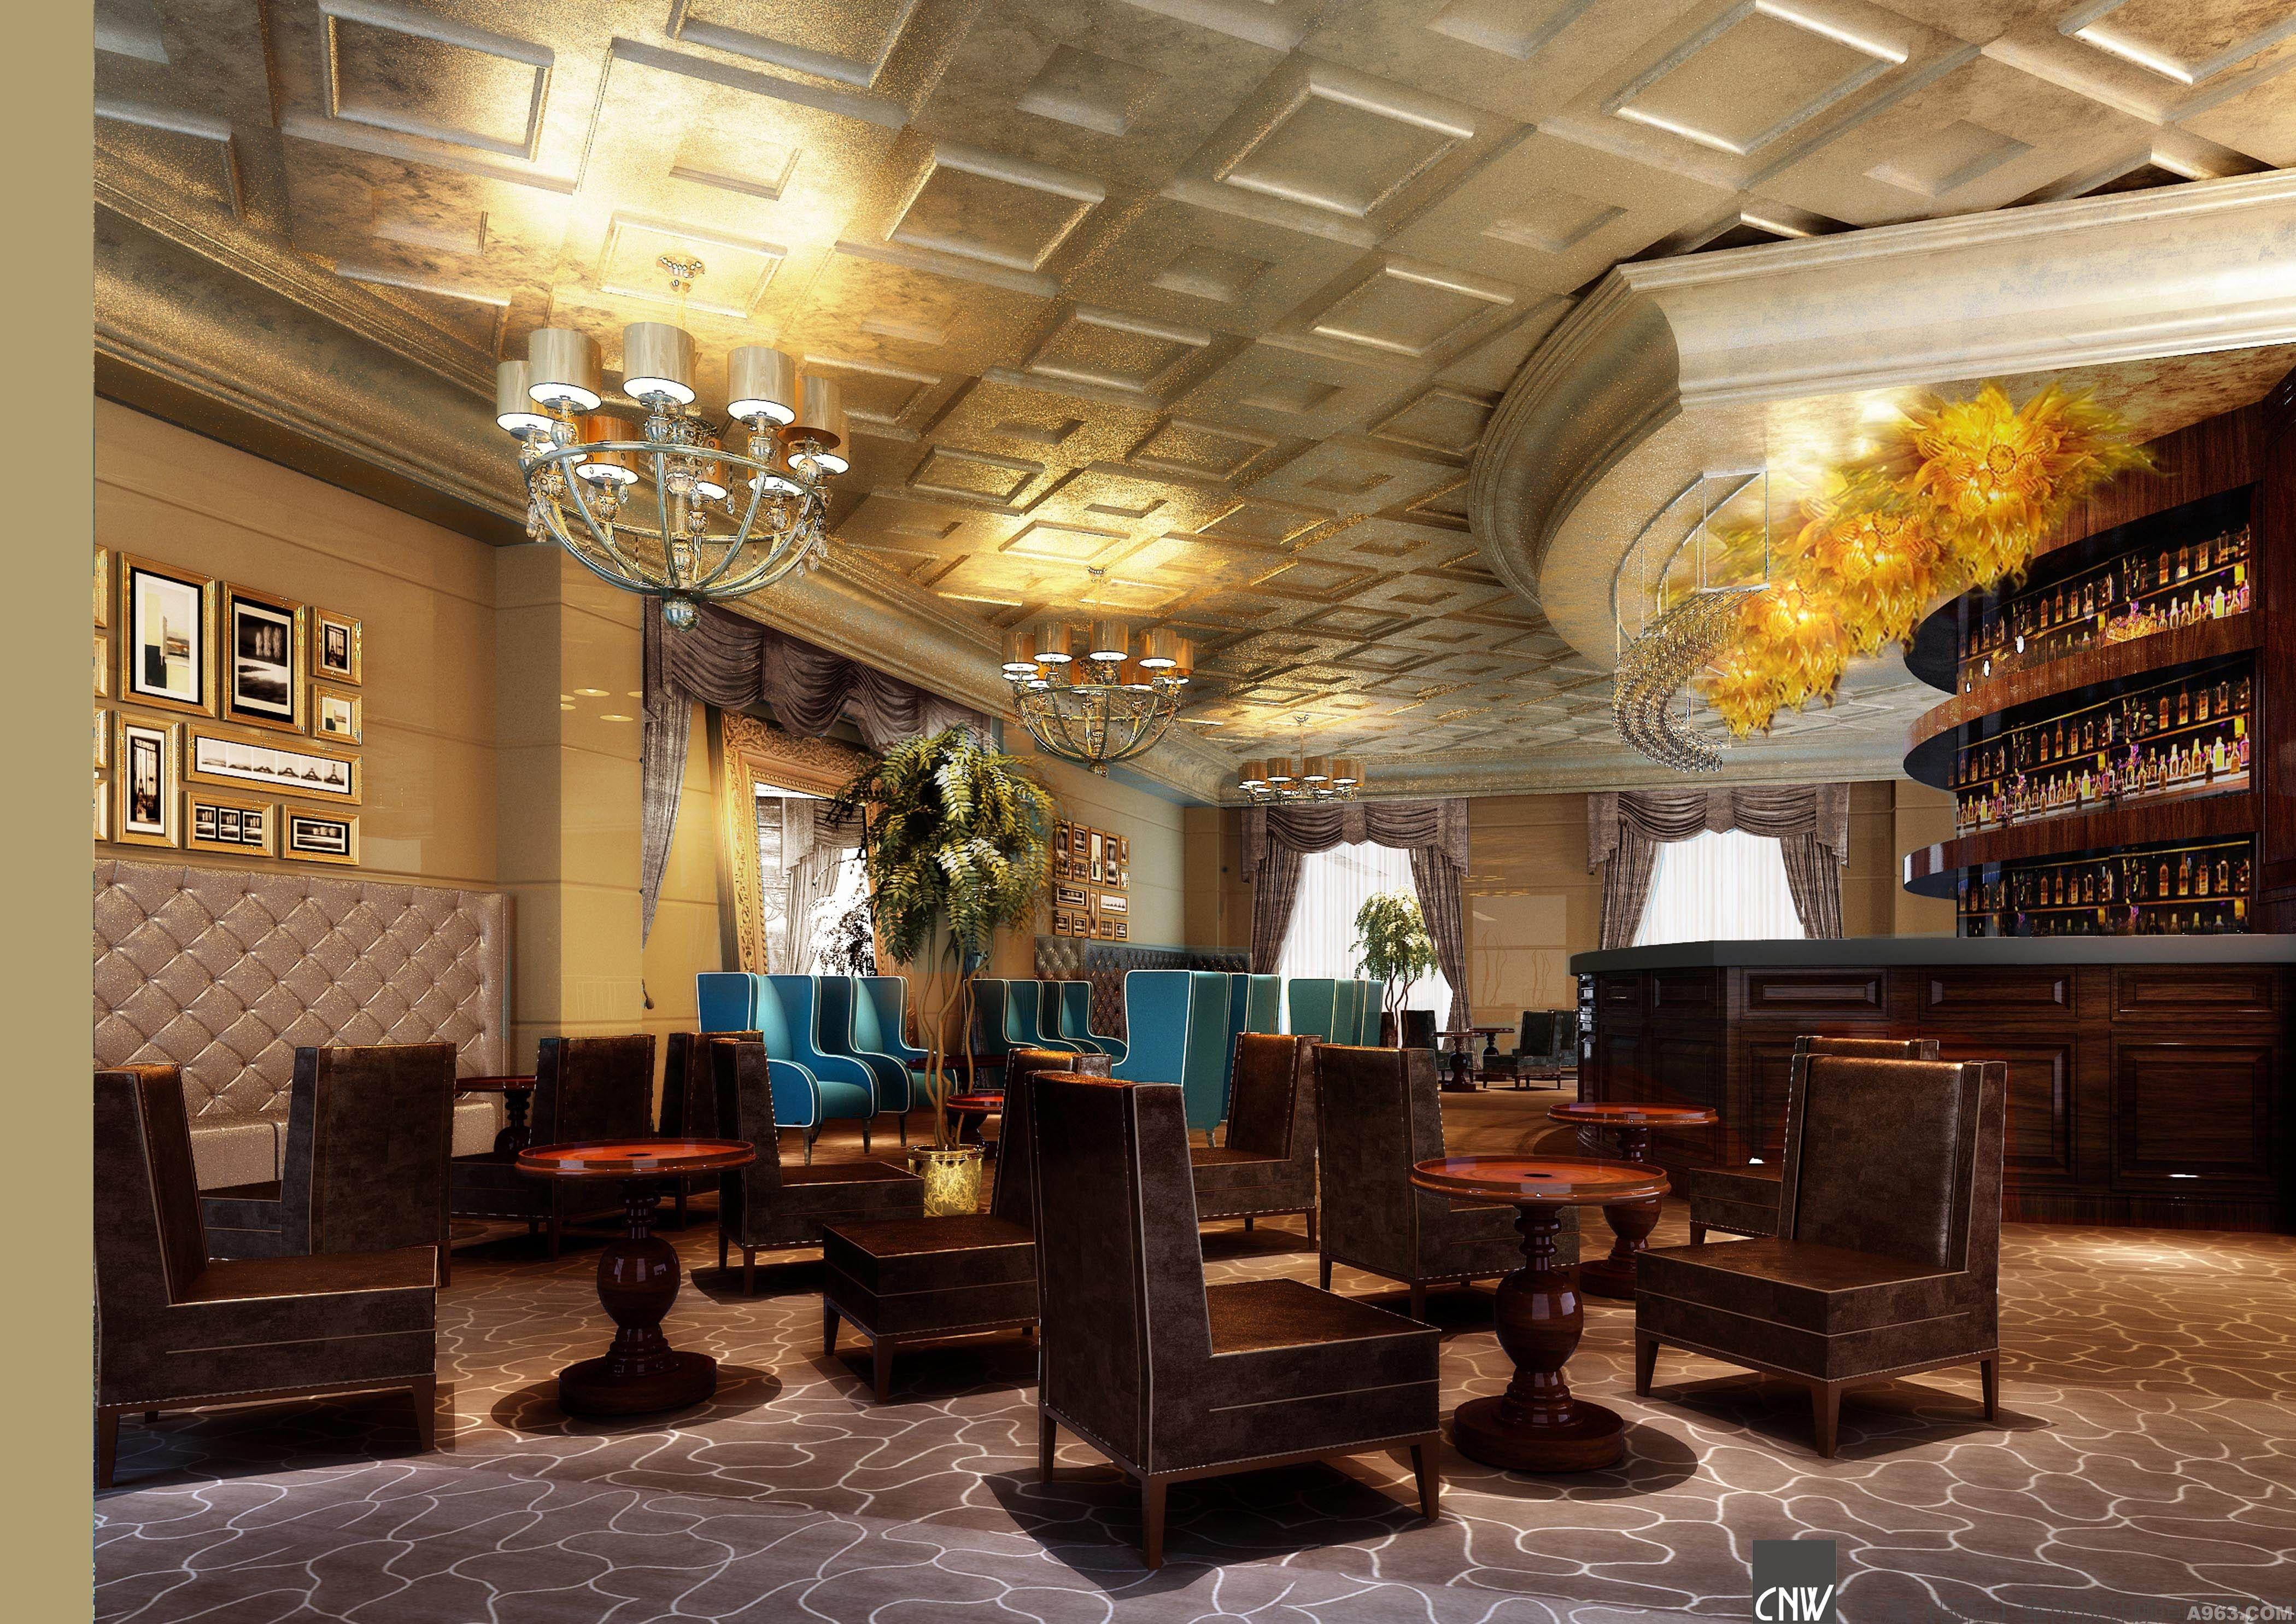 出差或旅行和生活在国外将选择酒店在一个城市区域,一种享受酒店的设计是为了人民的生活,不同的城市应该有自己的风格的酒店,酒店和城市就像是一个整体,创造性的设计可以使游客感到的魅力这个城市和城市的文化气息,让旅游者对城市生活也留下深刻的印象。作为酒店的关键设计,功能是至关重要的,而另一个是不一样的,周围环境优美,高档豪华的客房,大堂,饰以特殊。每个城市都有它自己的历史,为外国游客居住的地方,酒店设计也应该是传统的城市元素,使传统文化有新的生活,这也就要求设计者觉得城市,传统文化的感觉,文化的设计师也应该吸取百